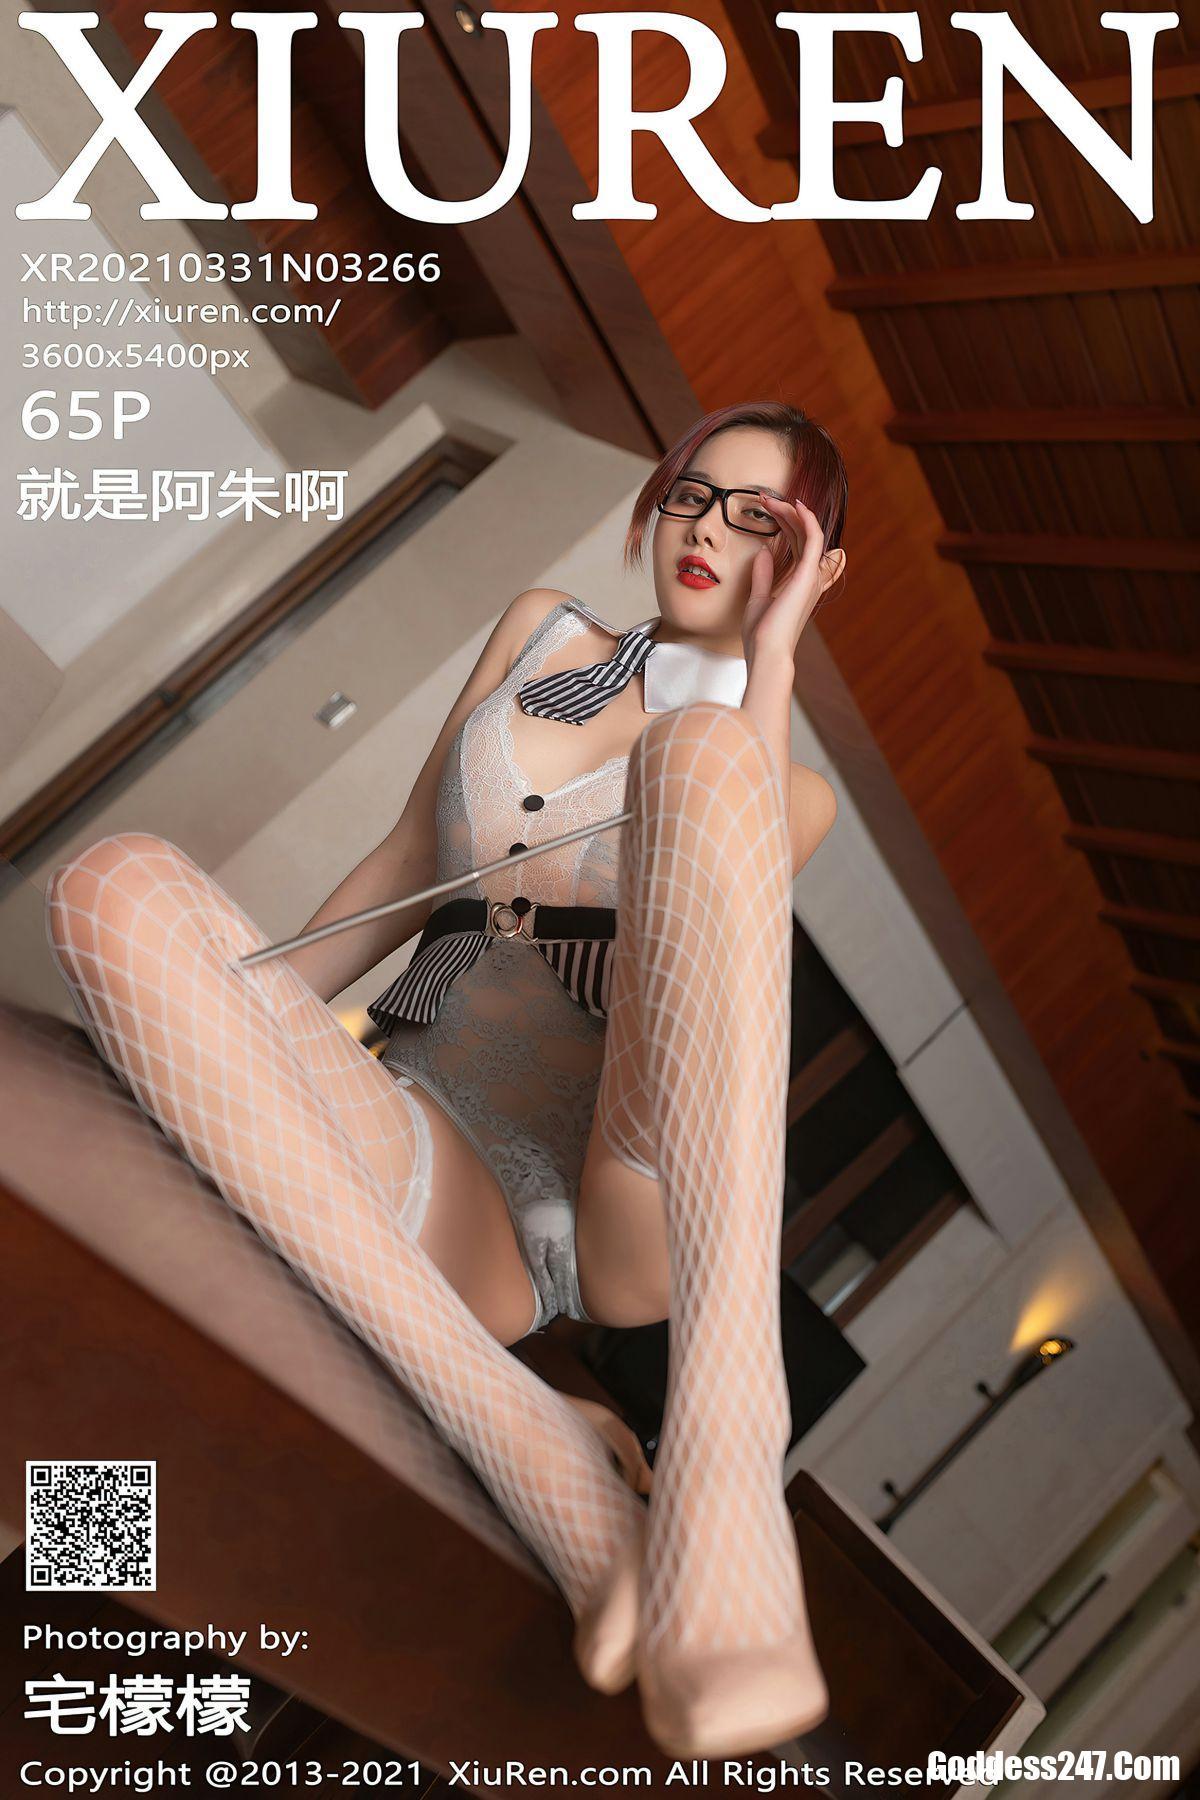 就是阿朱啊, XiuRen秀人网 No.3266 就是阿朱啊, XiuRen秀人网 No.3266, Jiu Shi A Zhu